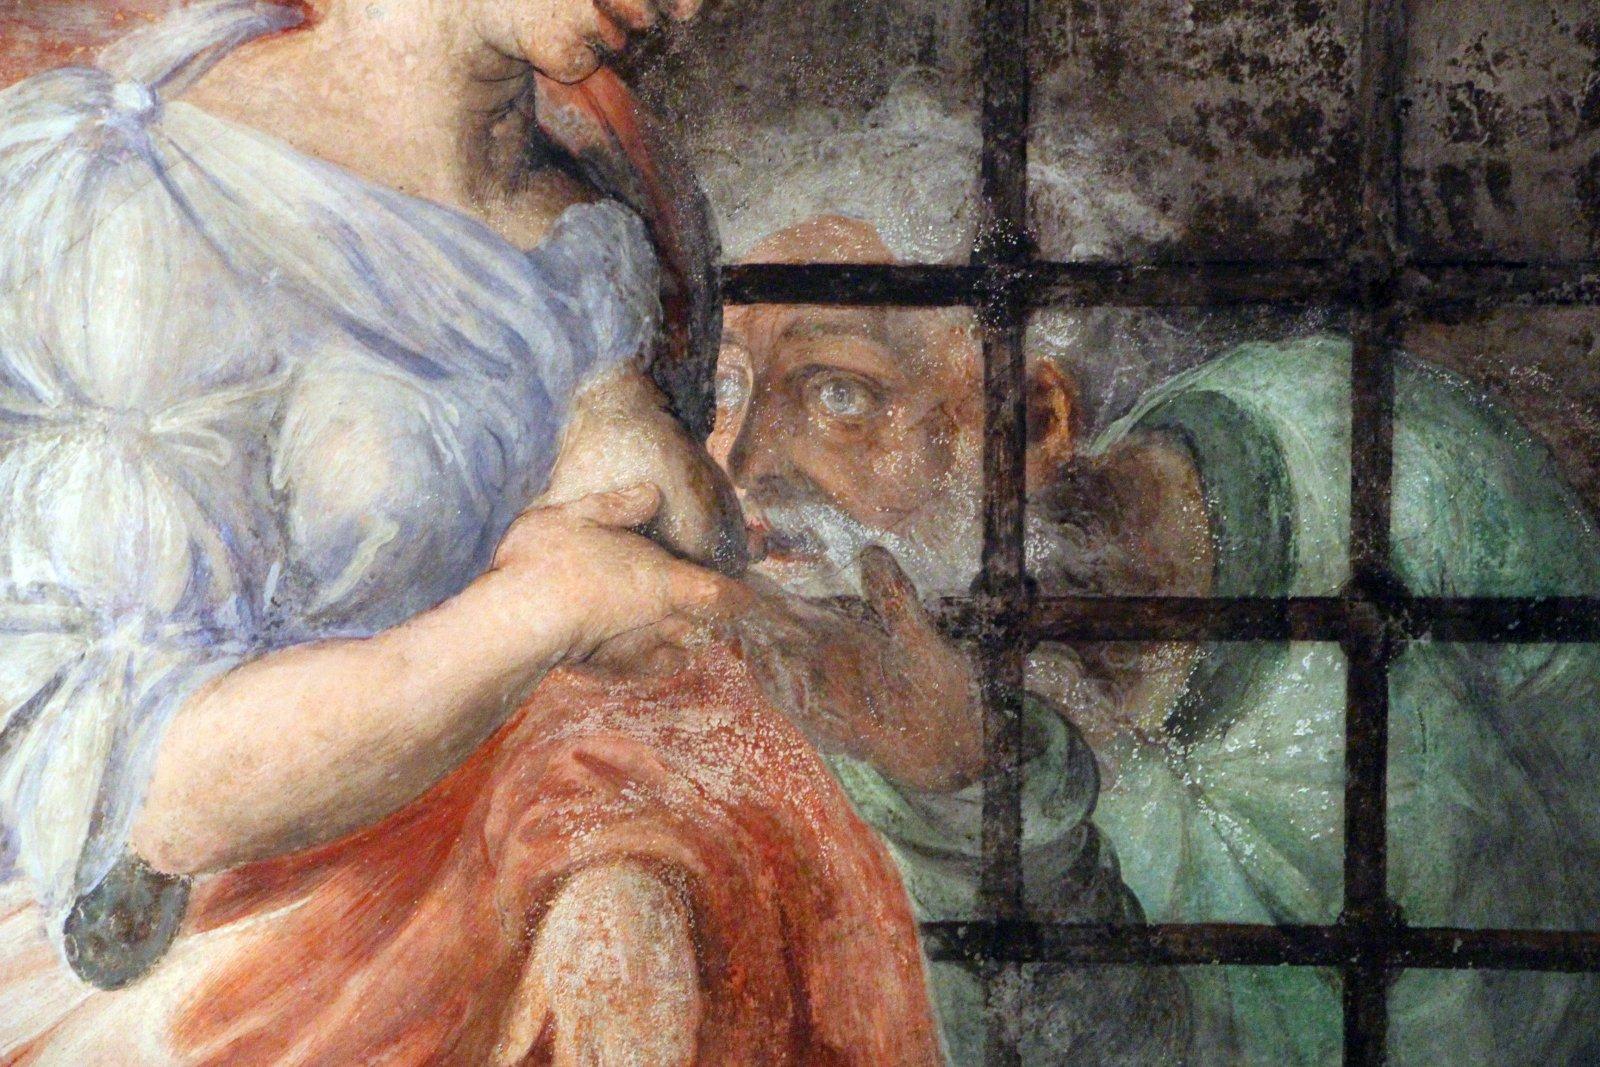 Римское милосердие 7.JPEG